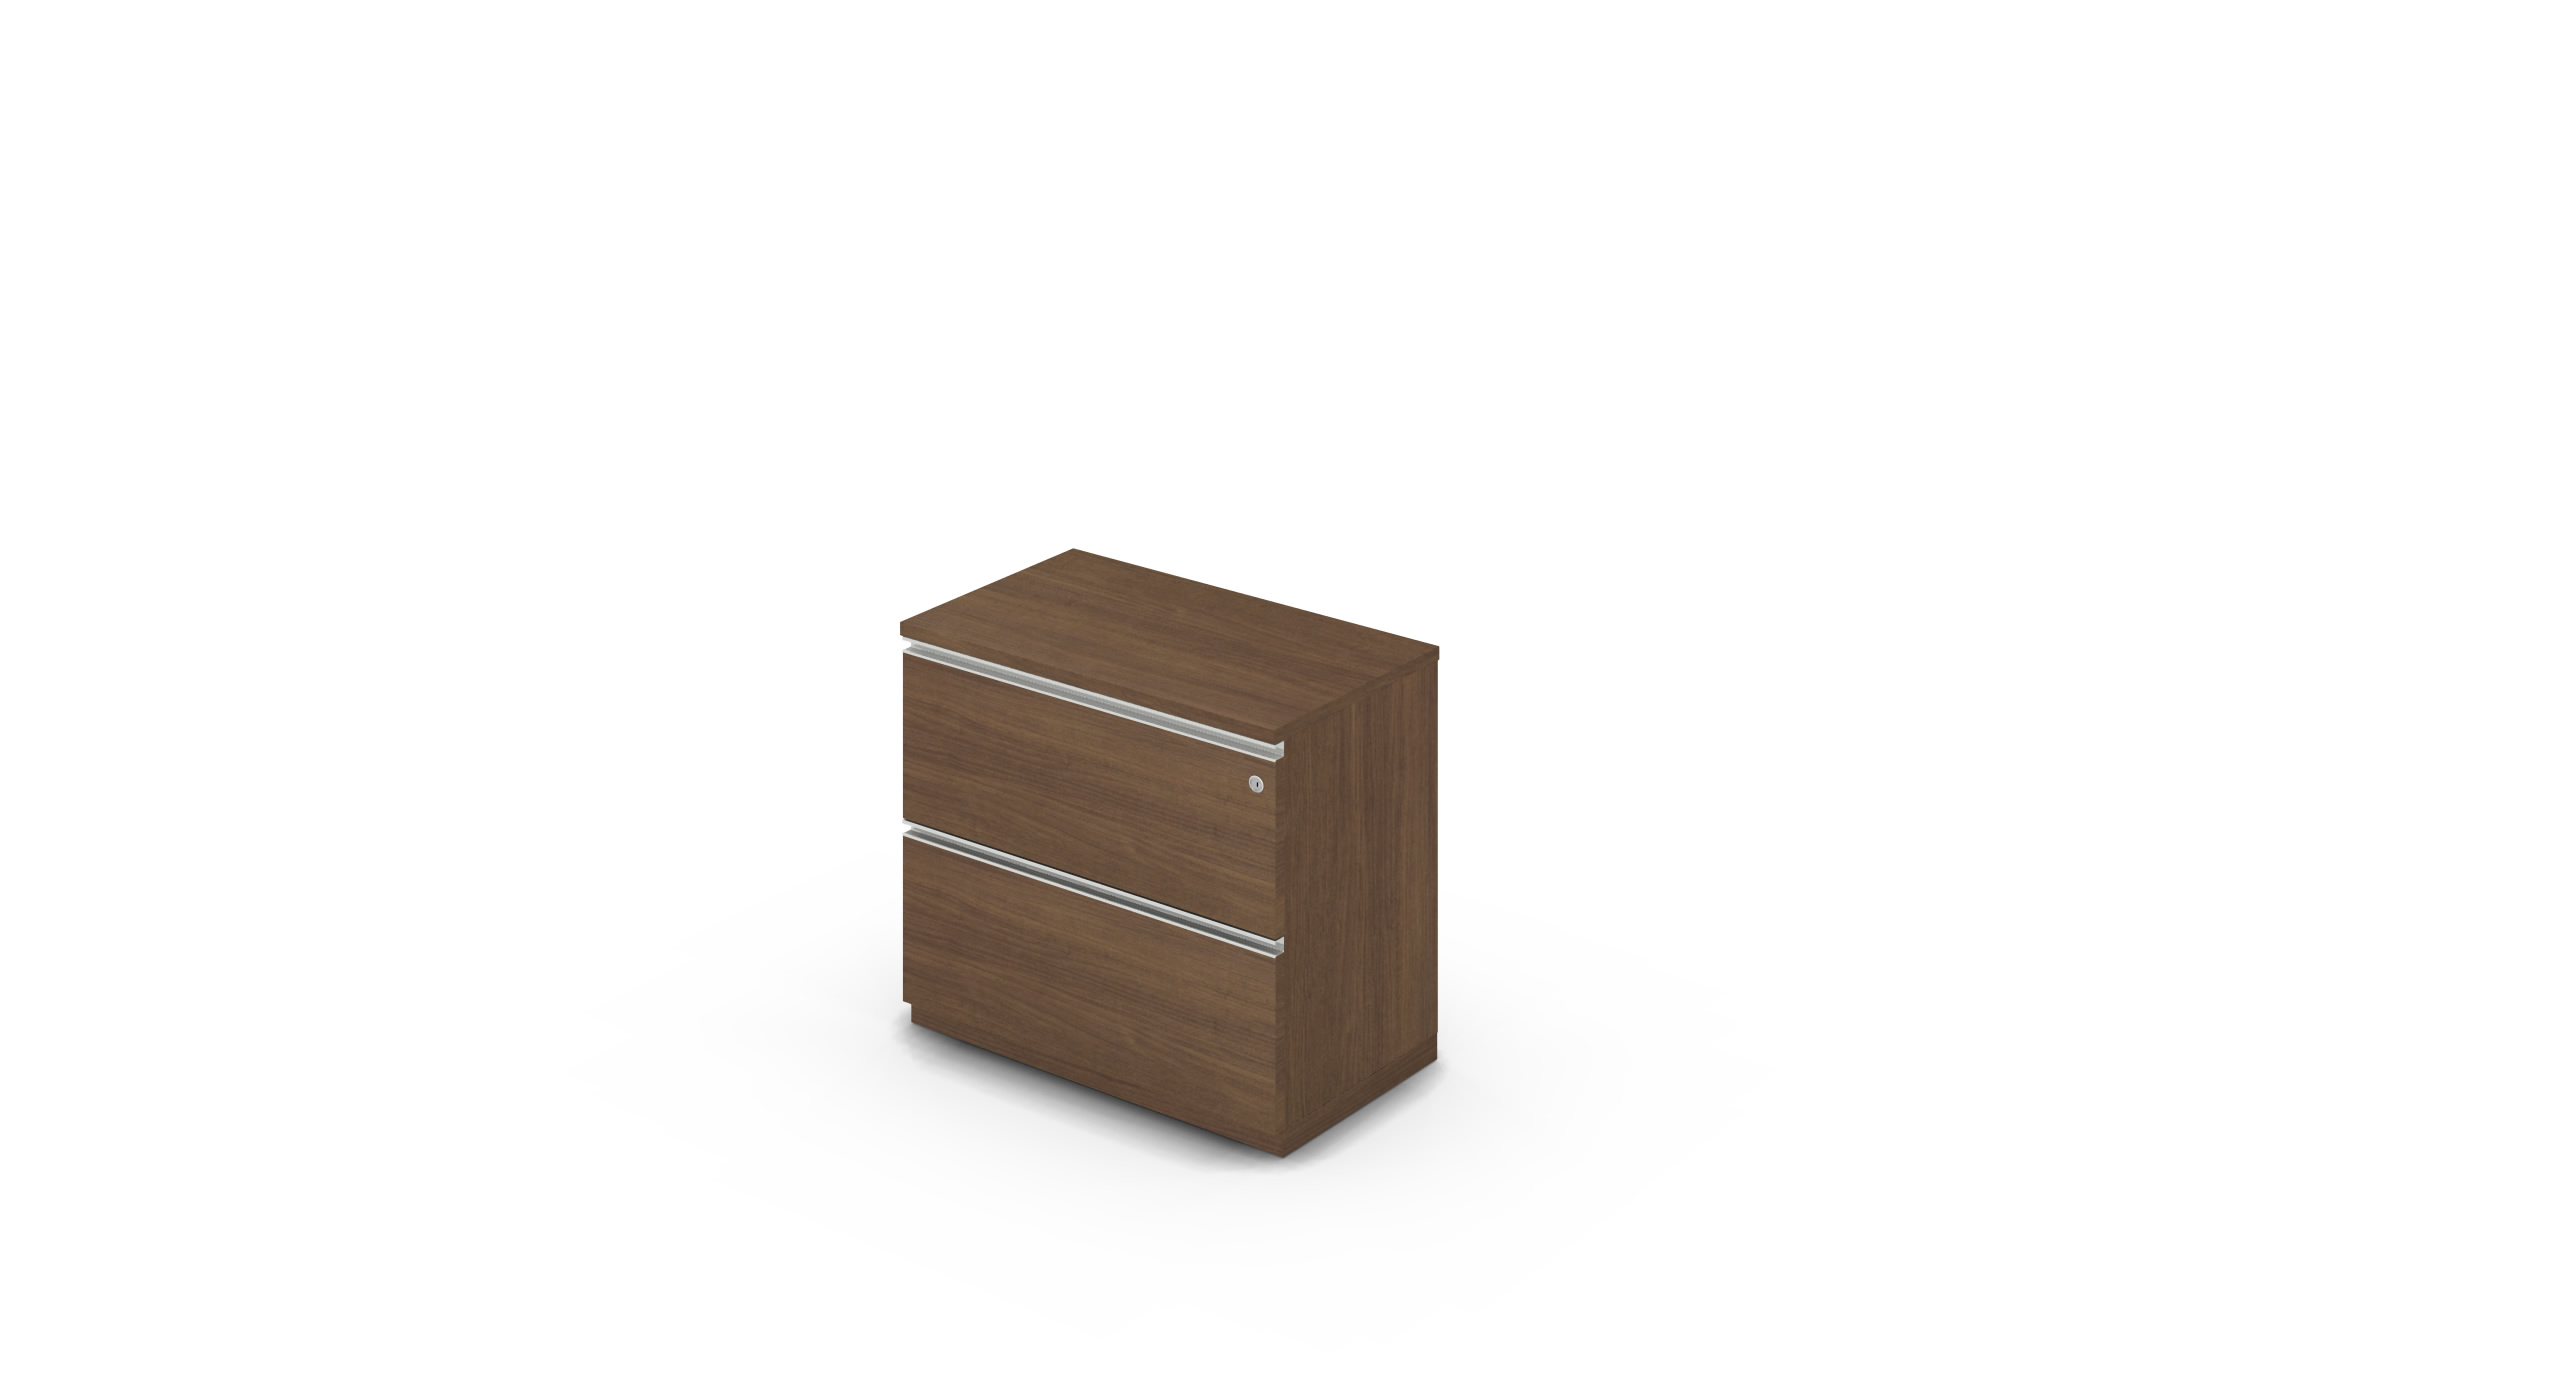 Cabinet_800x450x775_DR_Walnut_Rail_WithCylinder